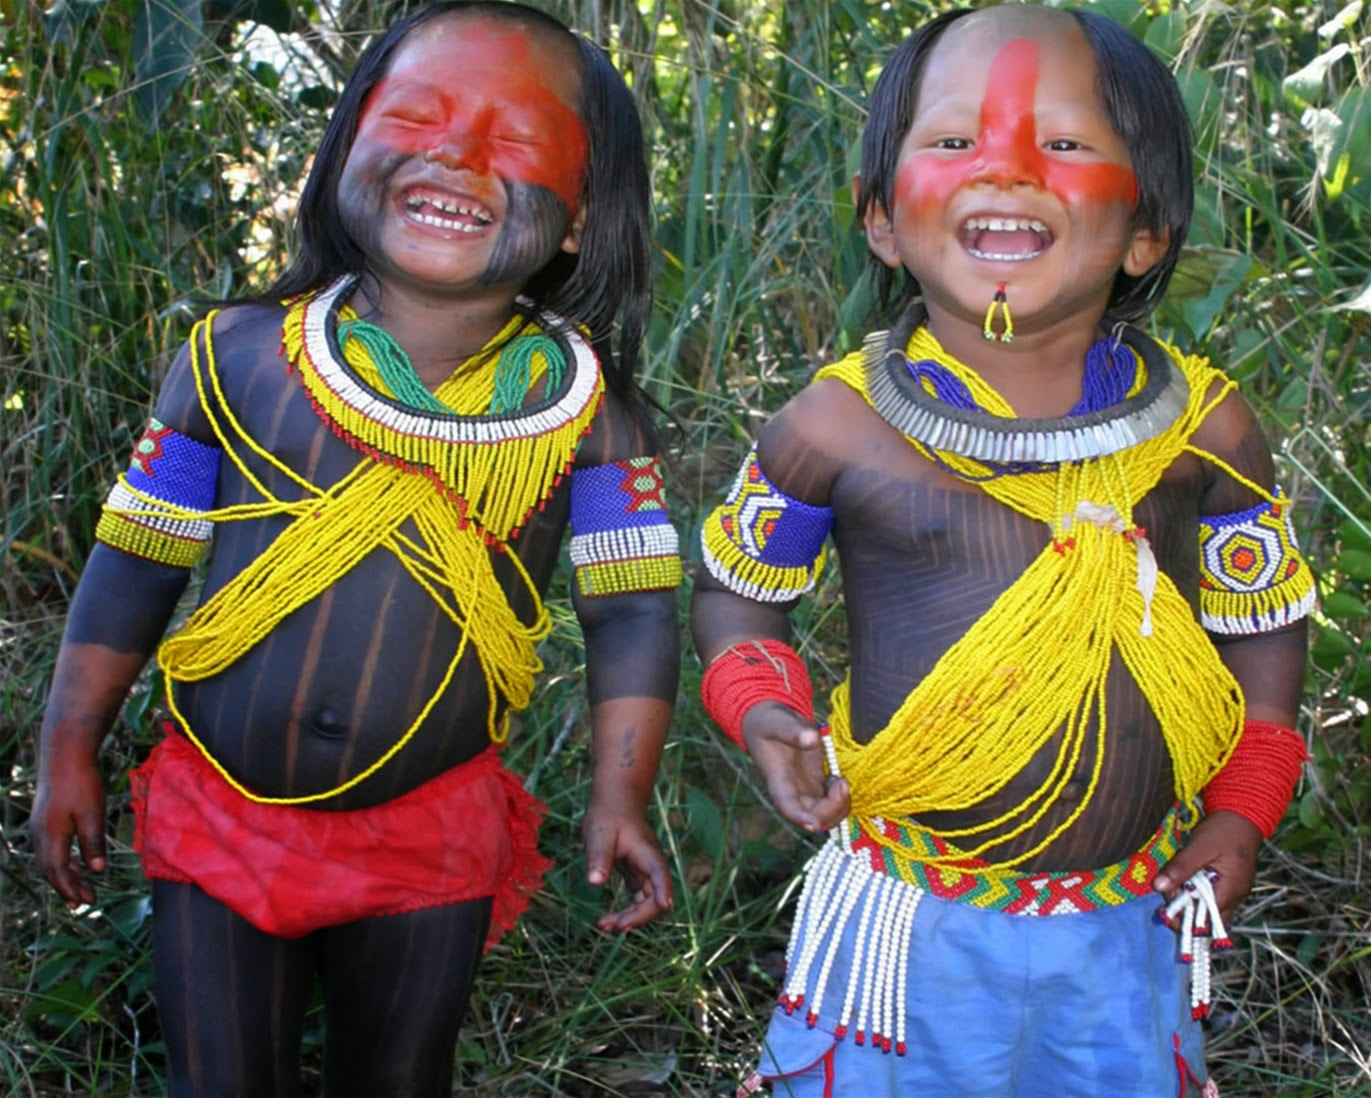 Pin de John Doe em índios(Native) | Indios brasileiros